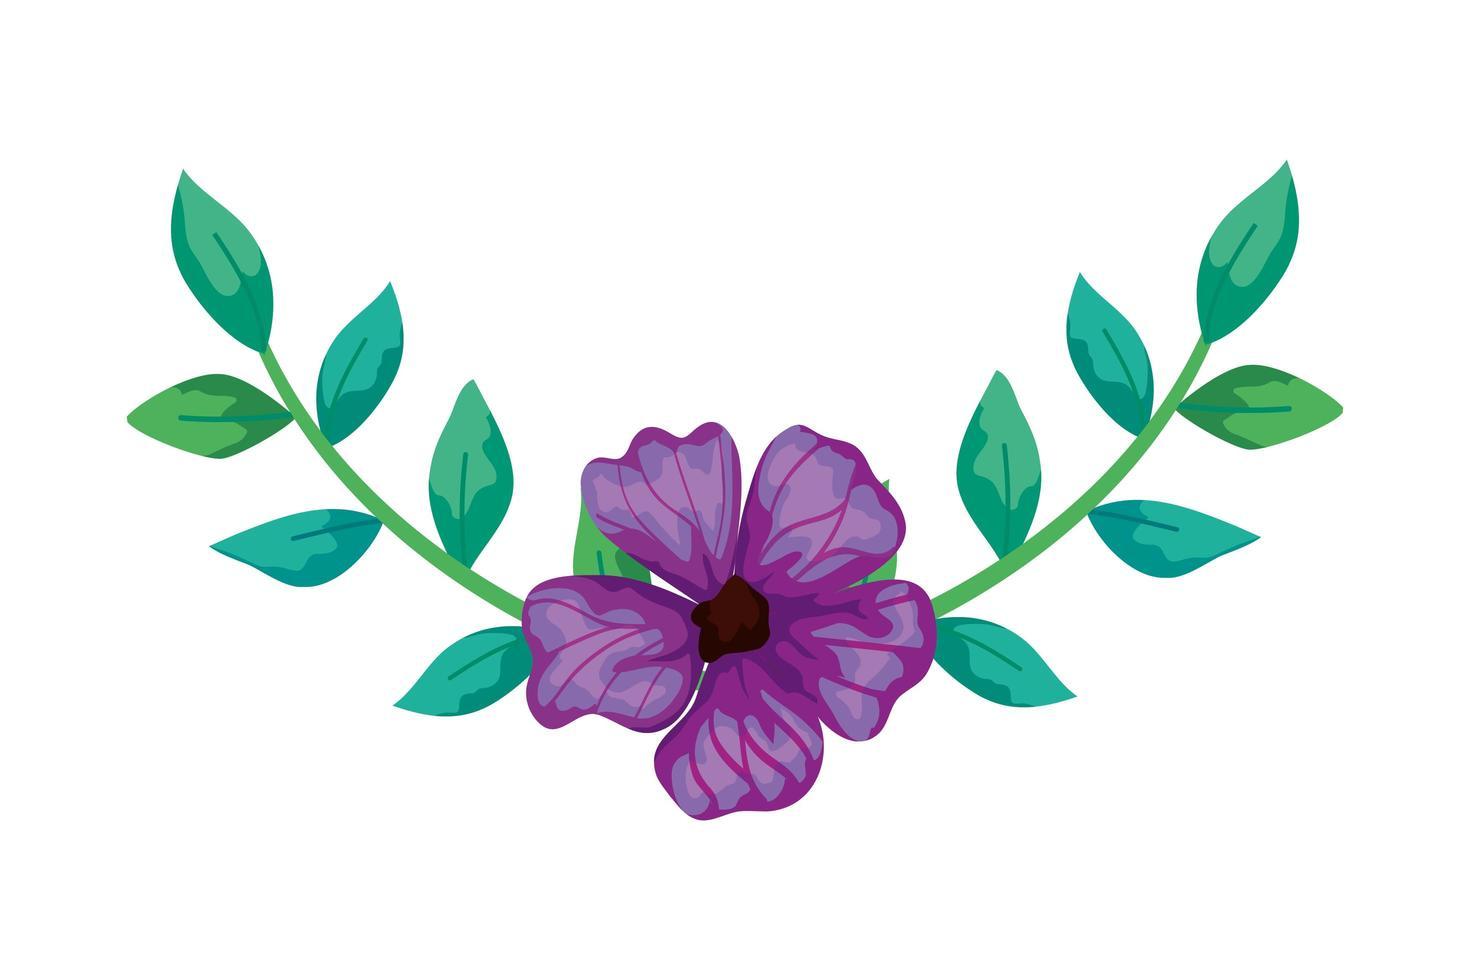 söt blomma lila med grenar och blad isolerad ikon vektor